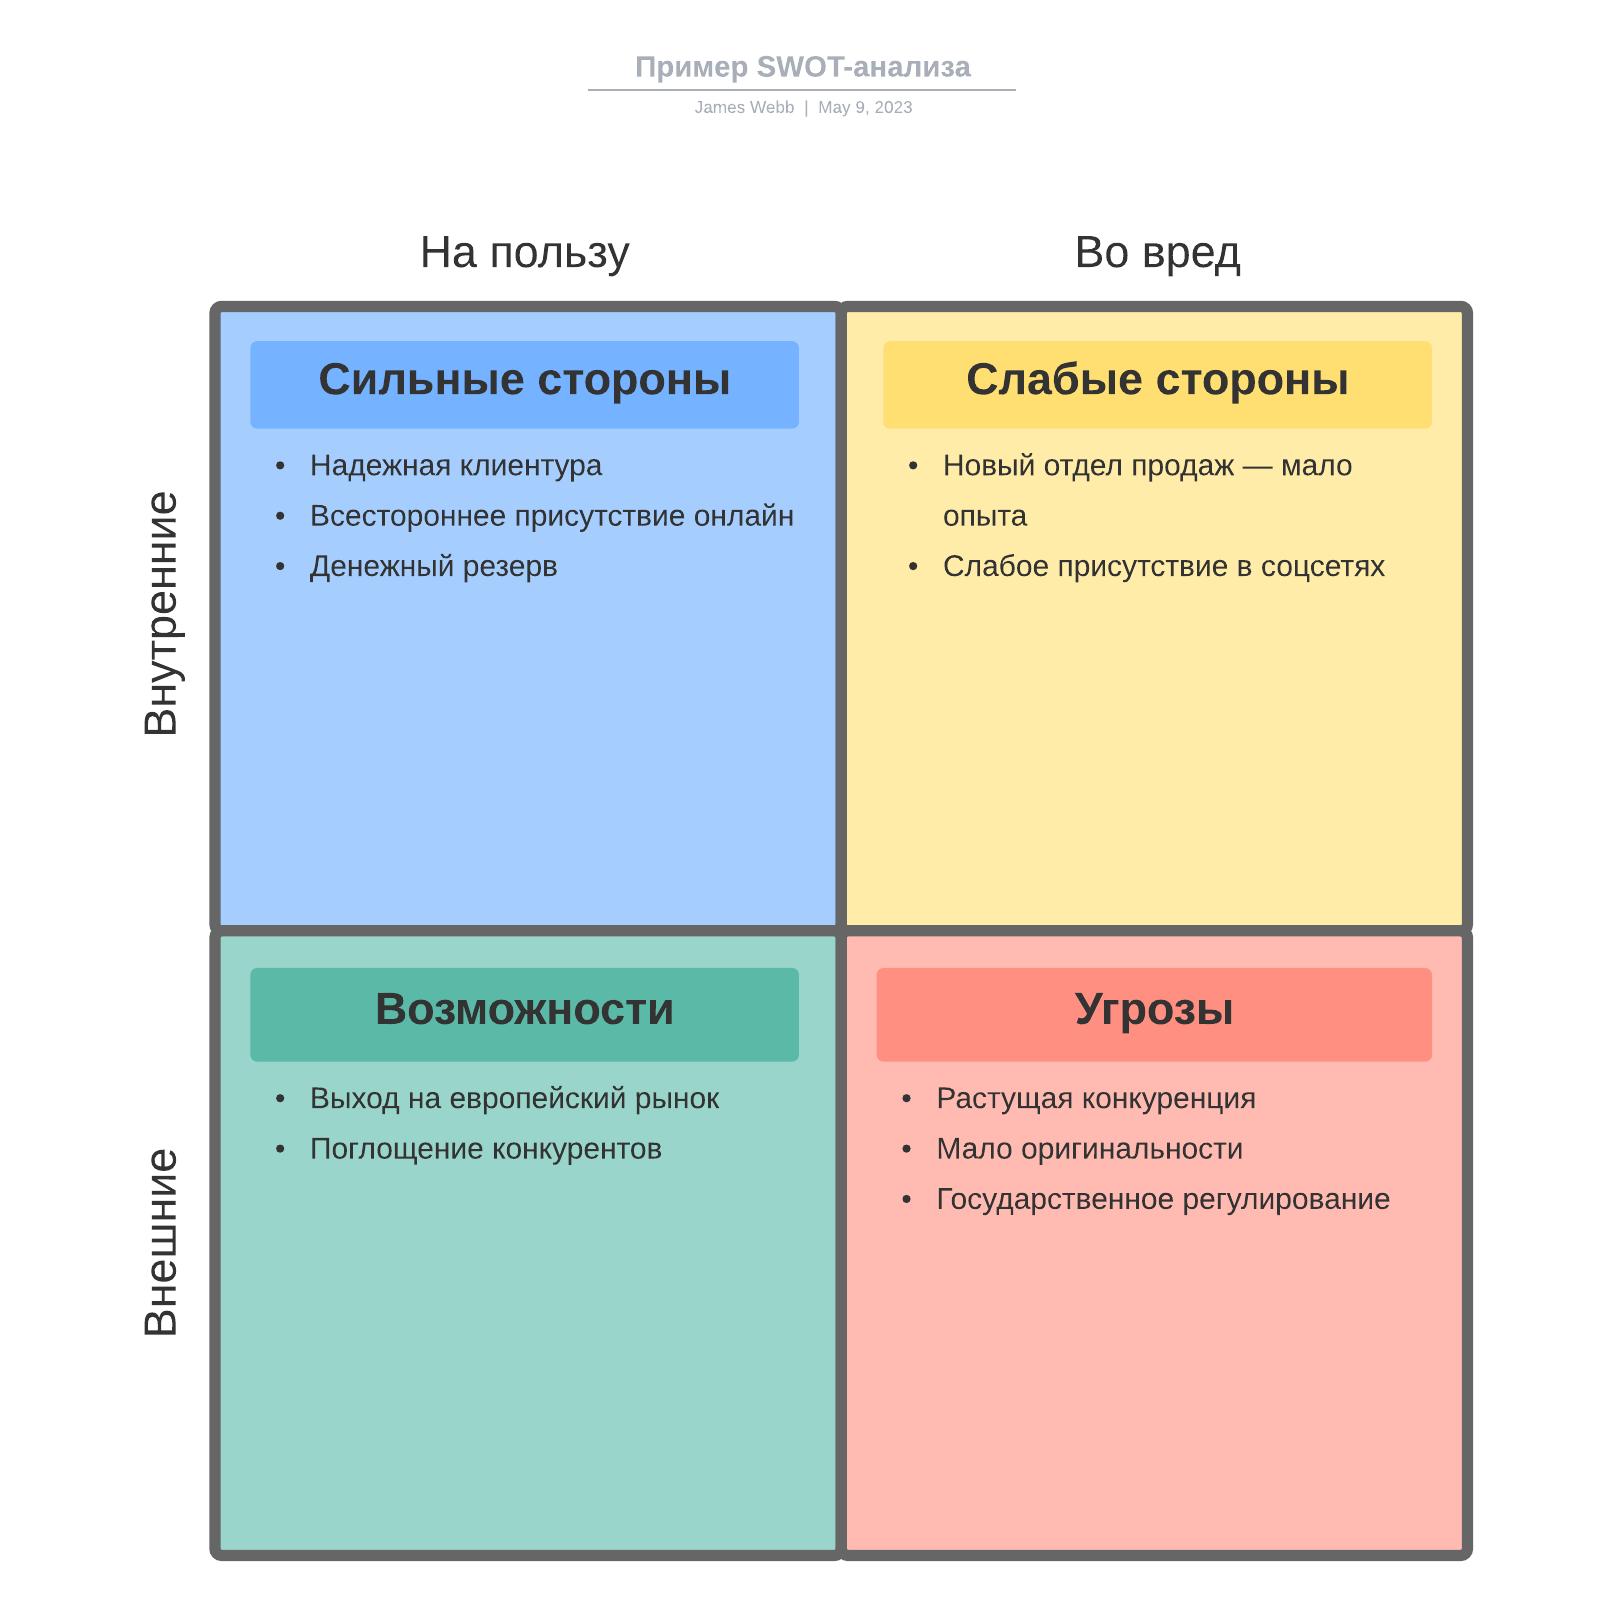 Пример SWOT-анализа